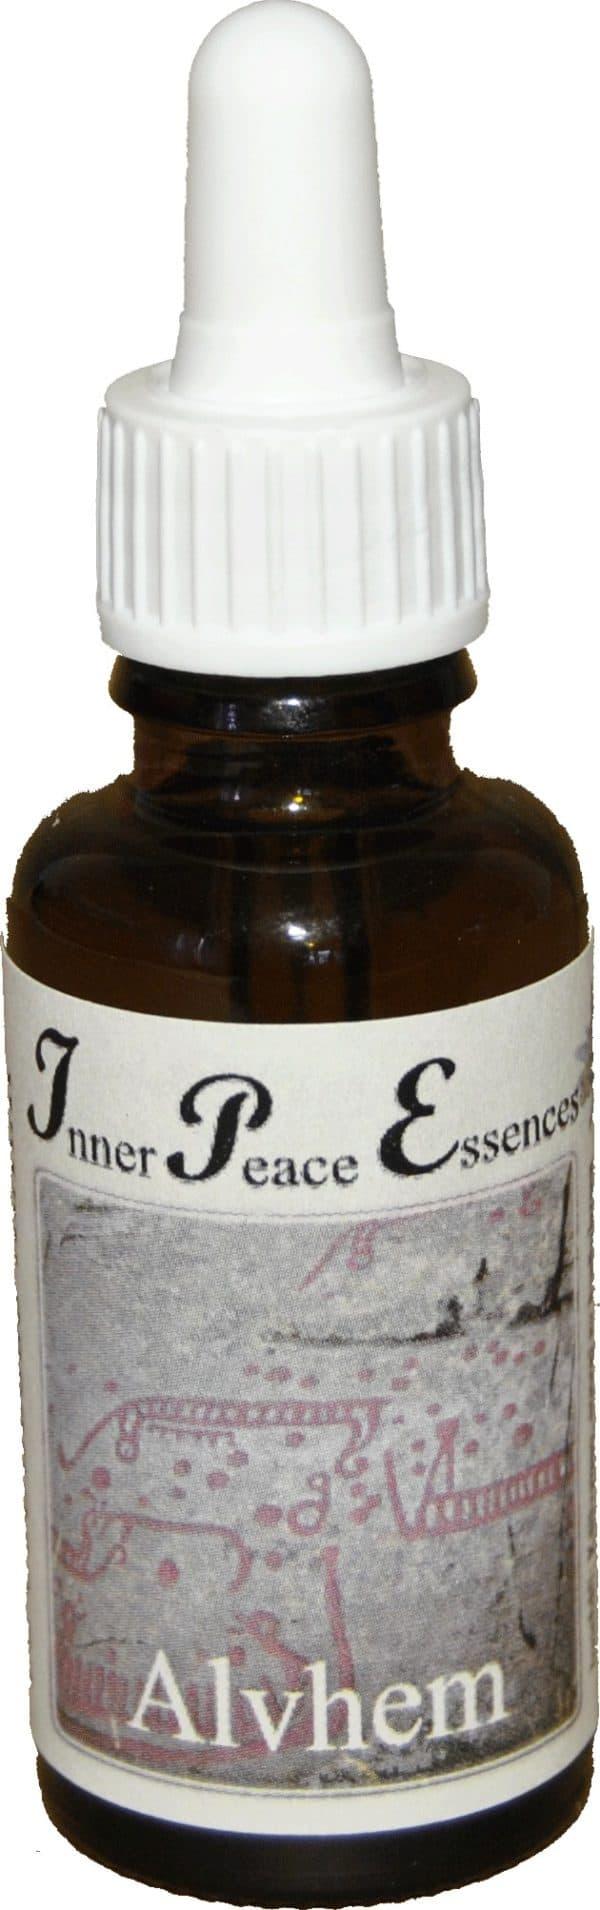 Peace Essence nr:10